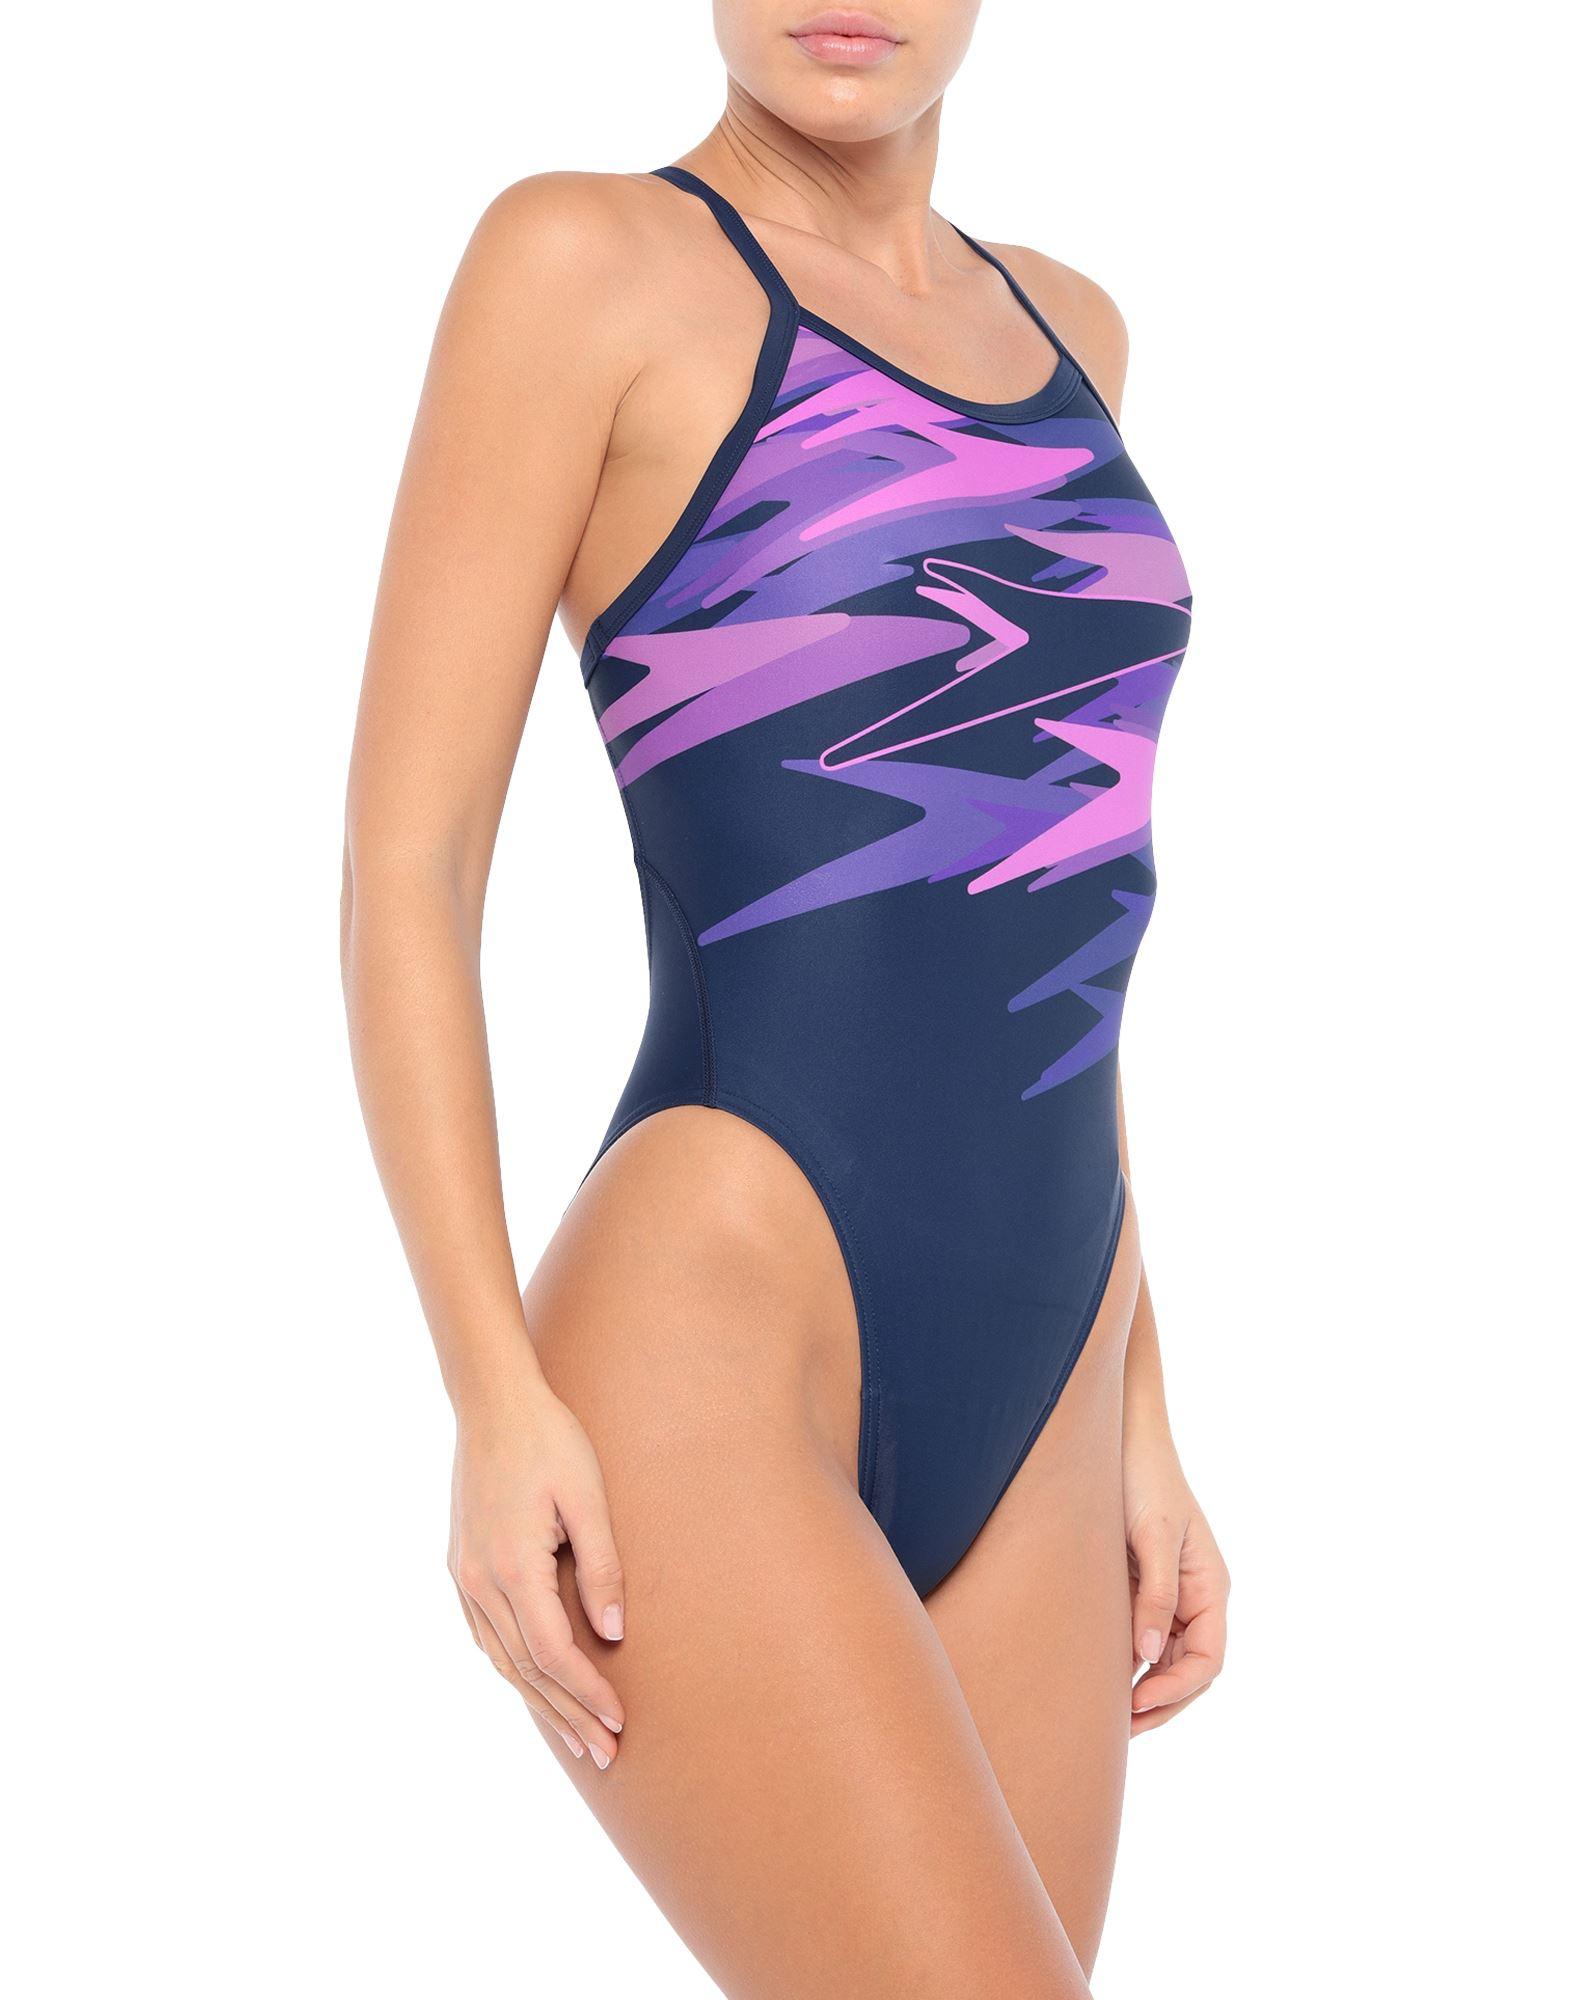 SPEEDO Слитный купальник купальник слитный speedo boom alov msbk af цвет фиолетовый фуксия 8 10818c265 c265 размер 38 50 52